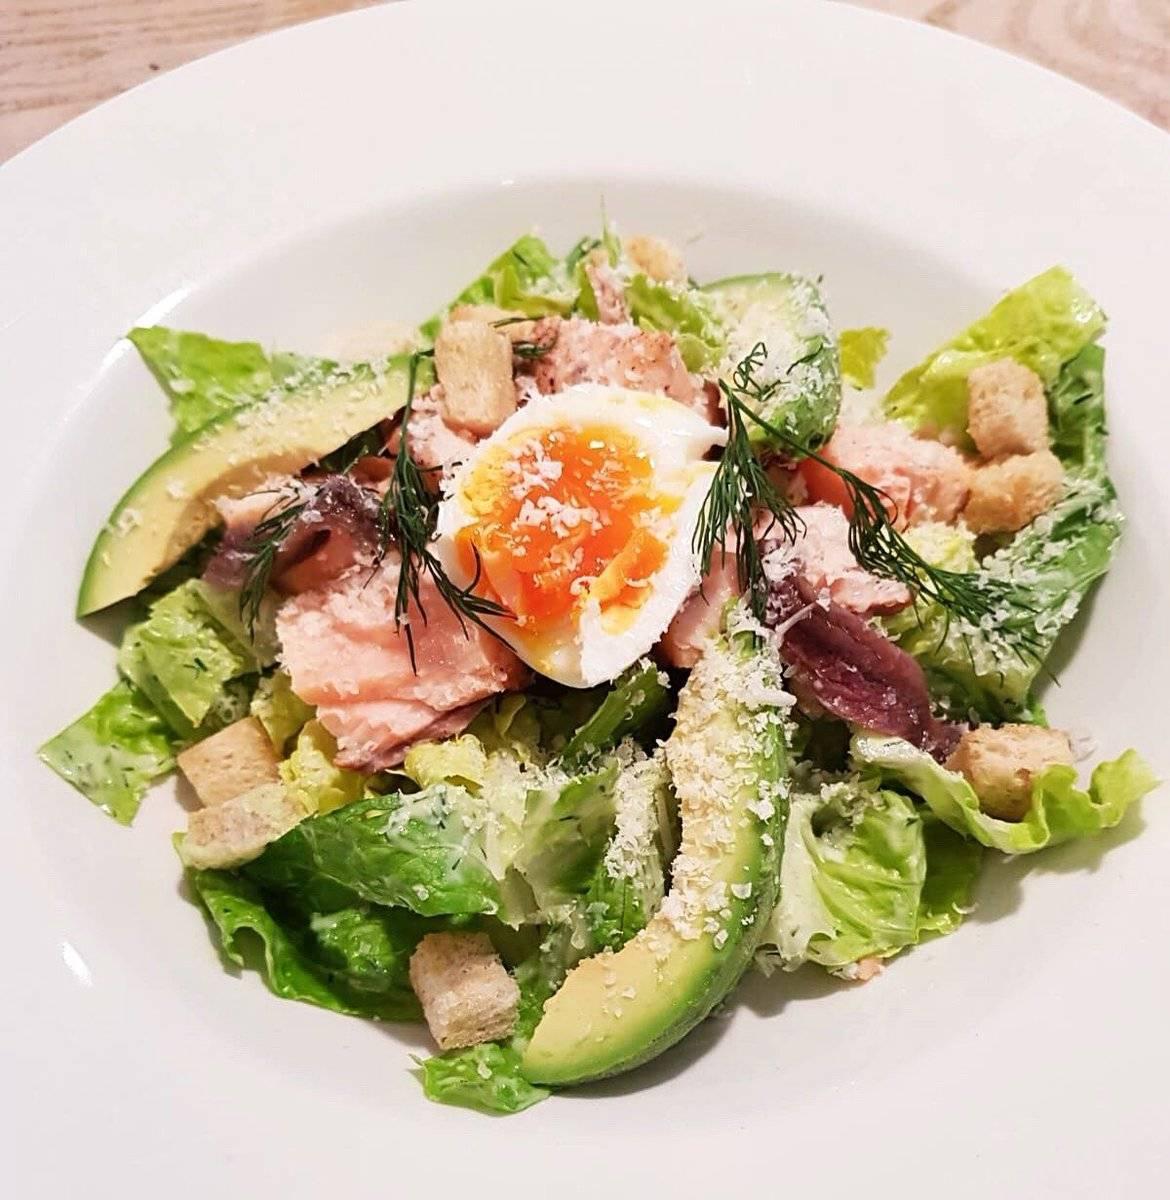 Салат с лососем (58 рецептов с фото) - рецепты с фотографиями на поварёнок.ру